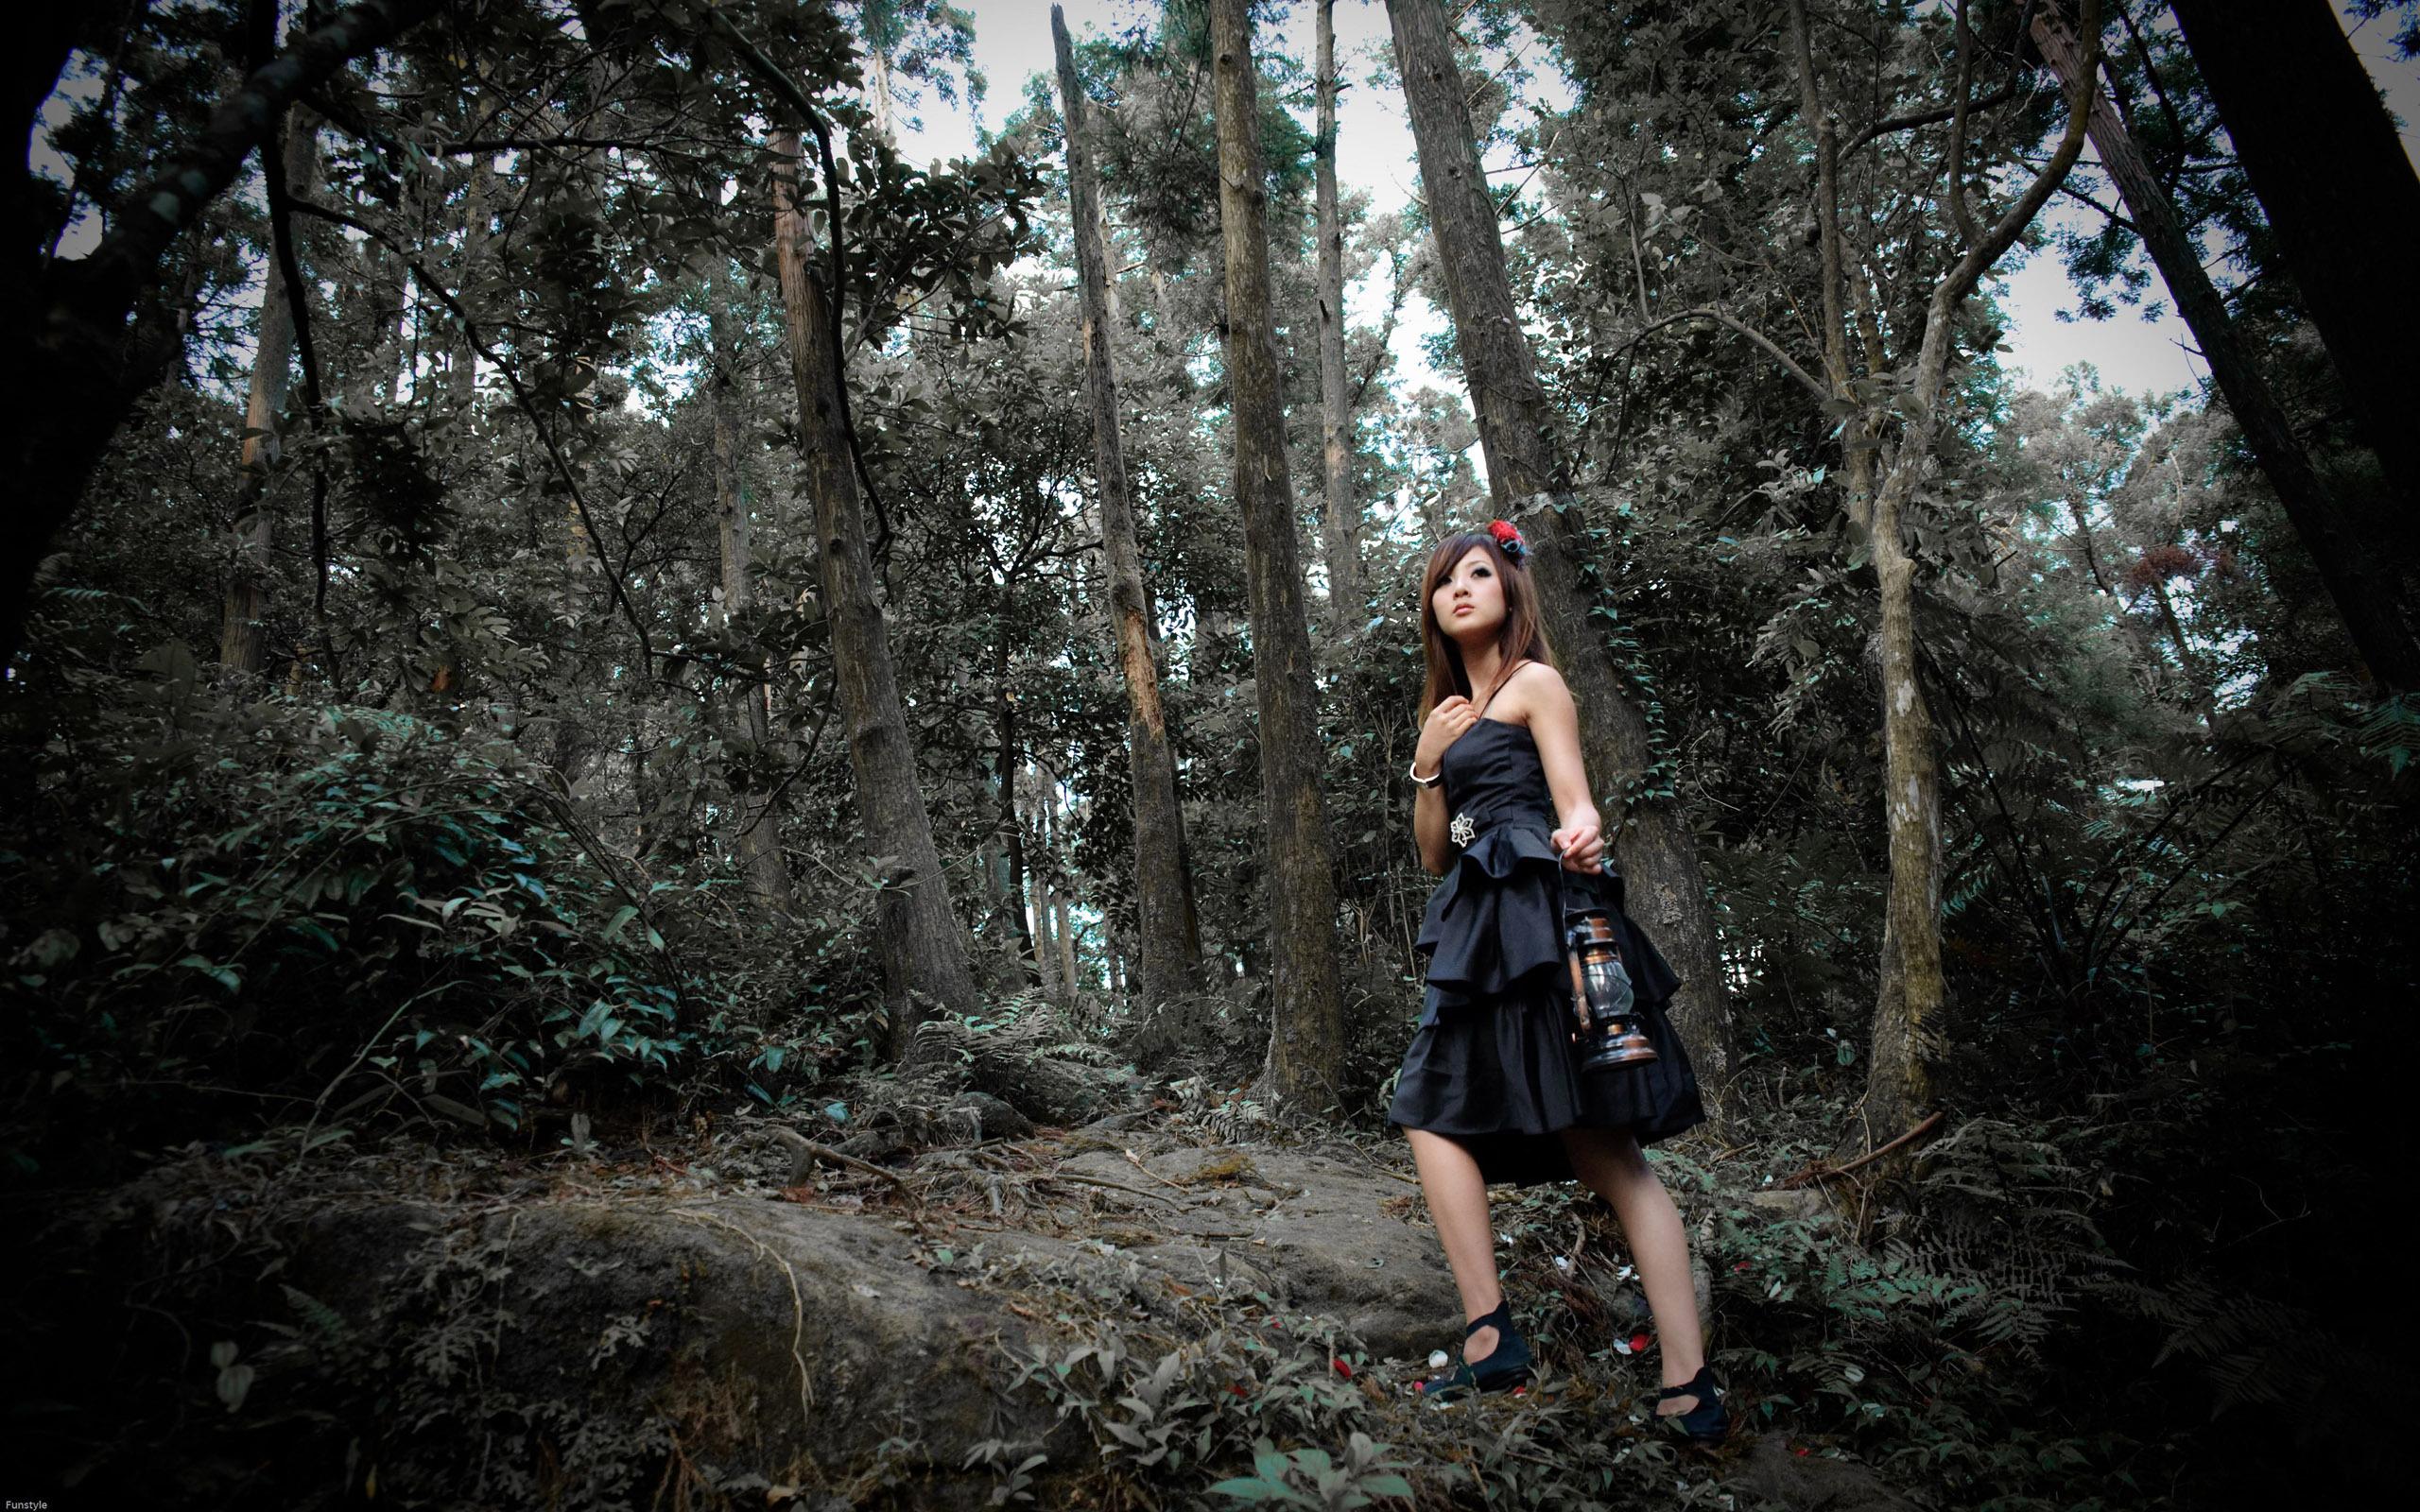 развлечение девушек в лесу лижут